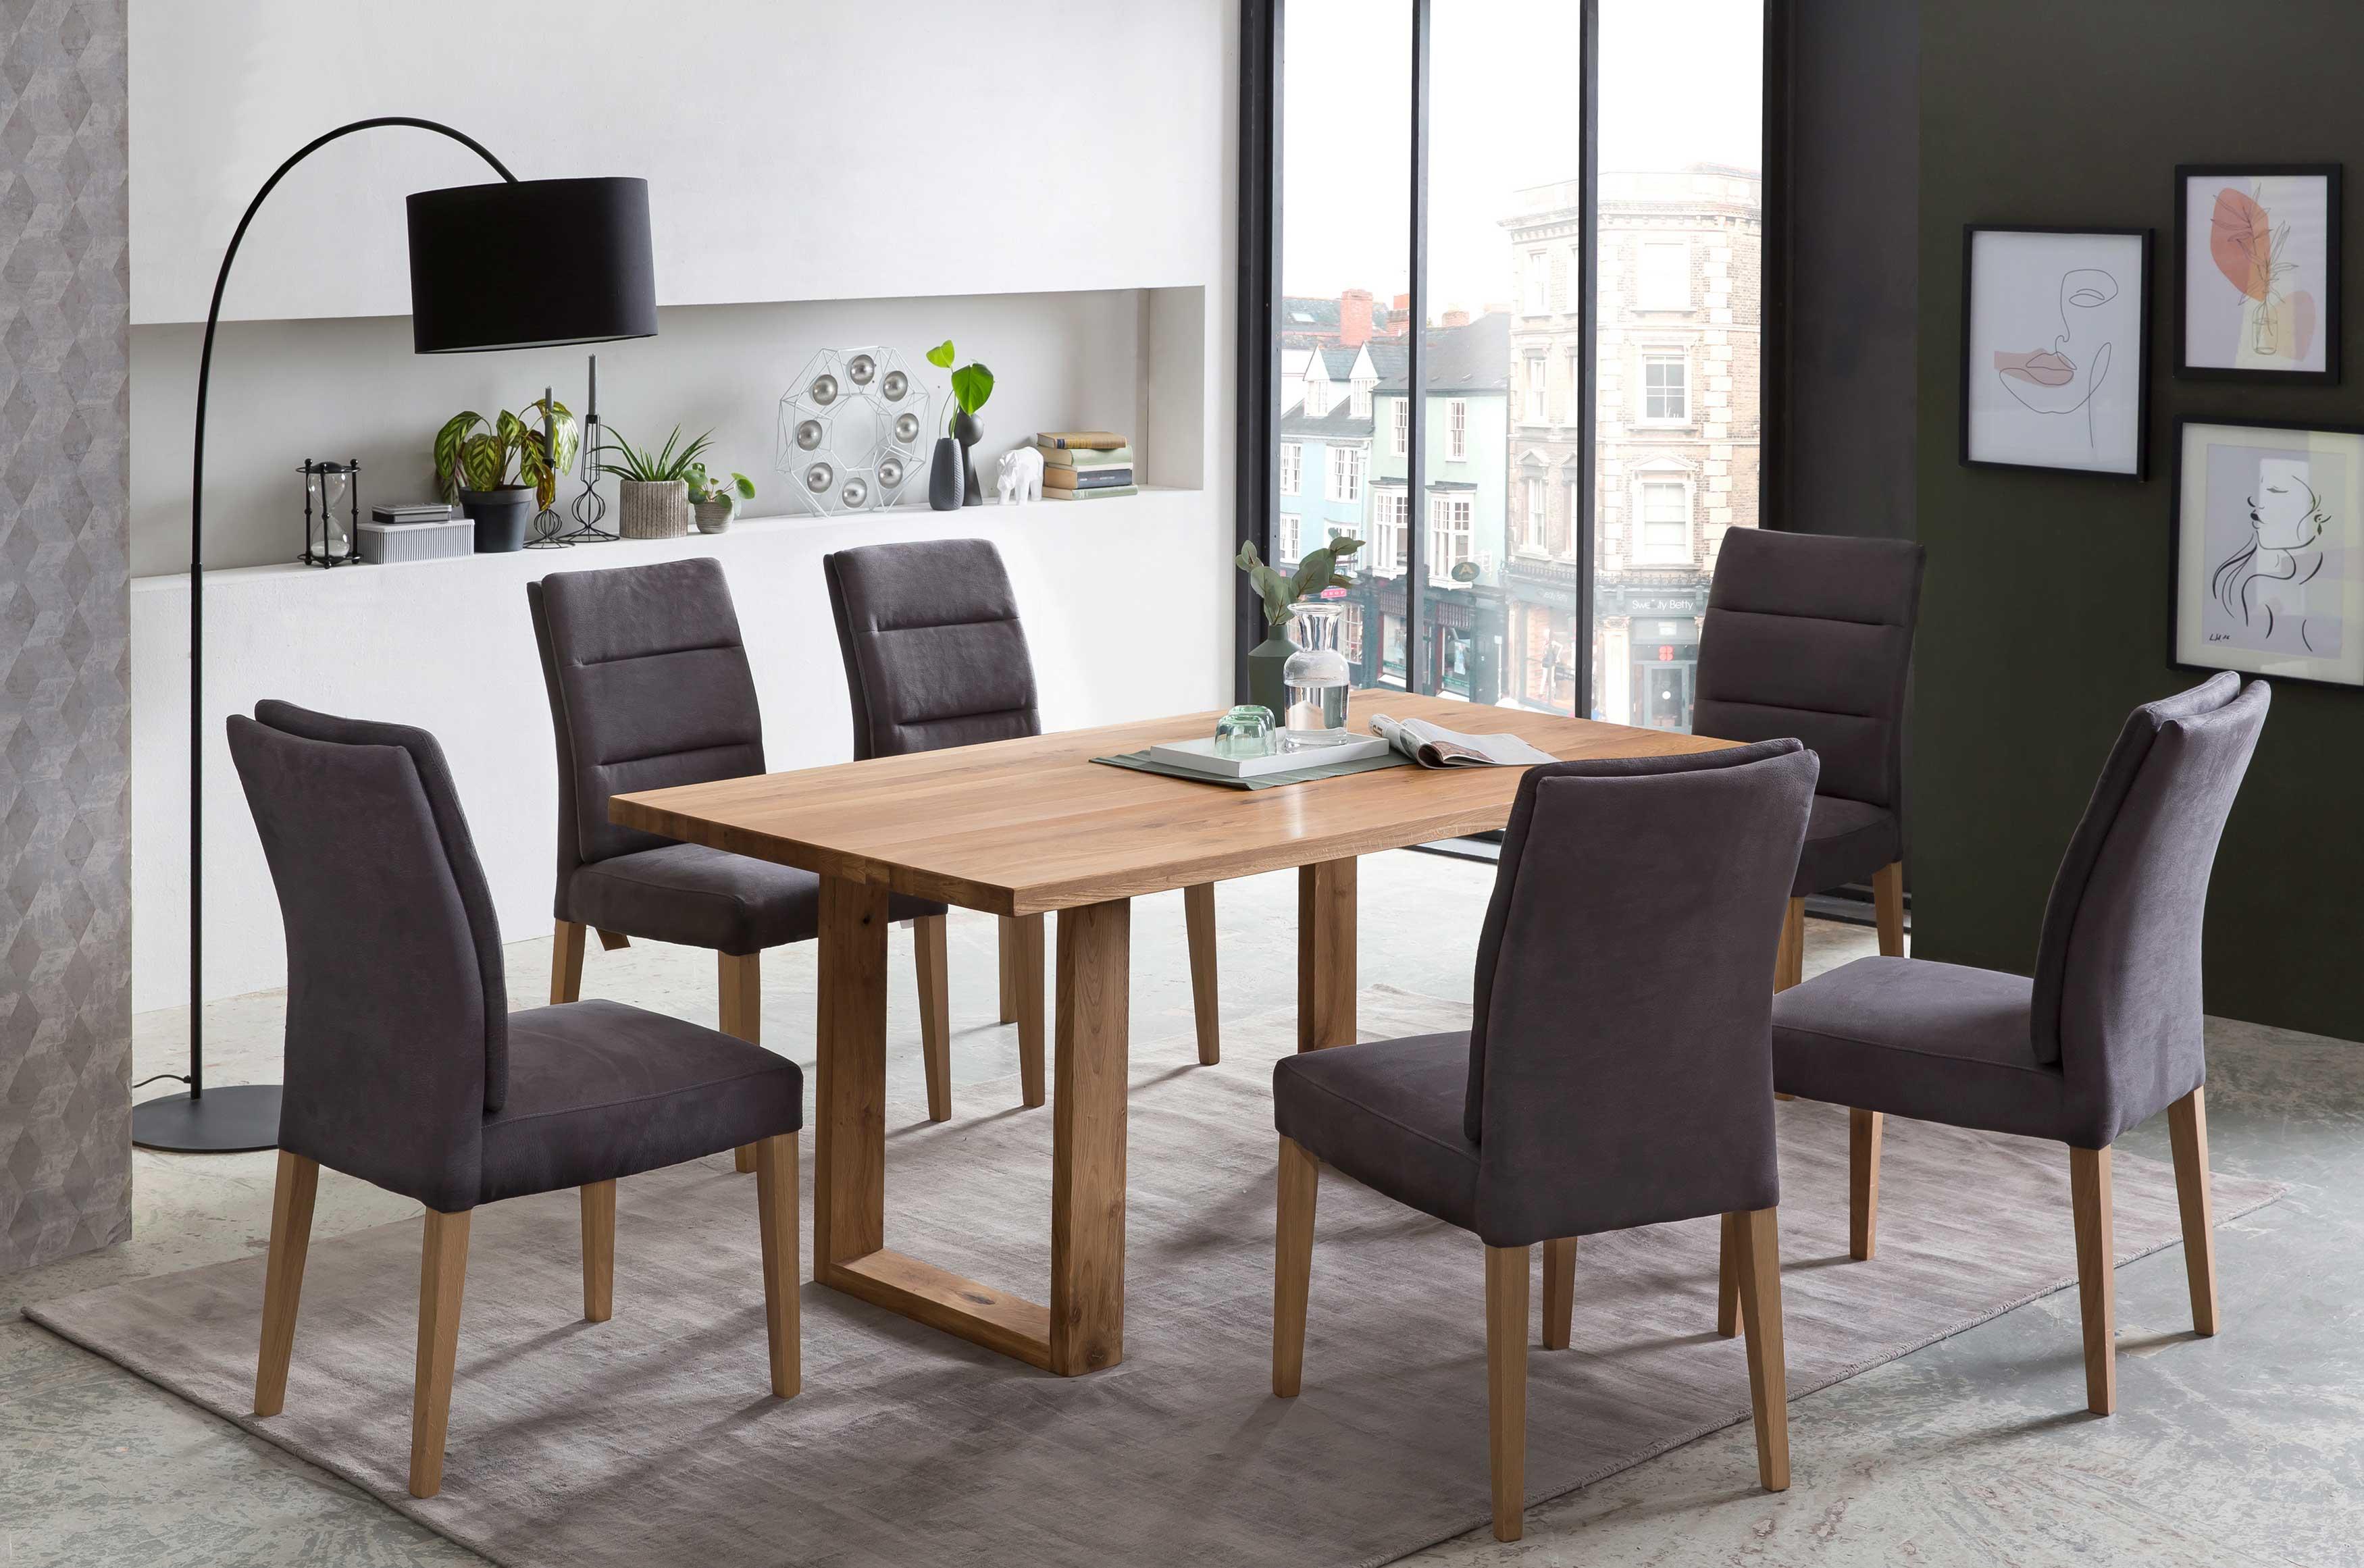 Standard Furniture Tischgruppe mit Orlando Massivholztisch und Stühlen Flynn8 eiche